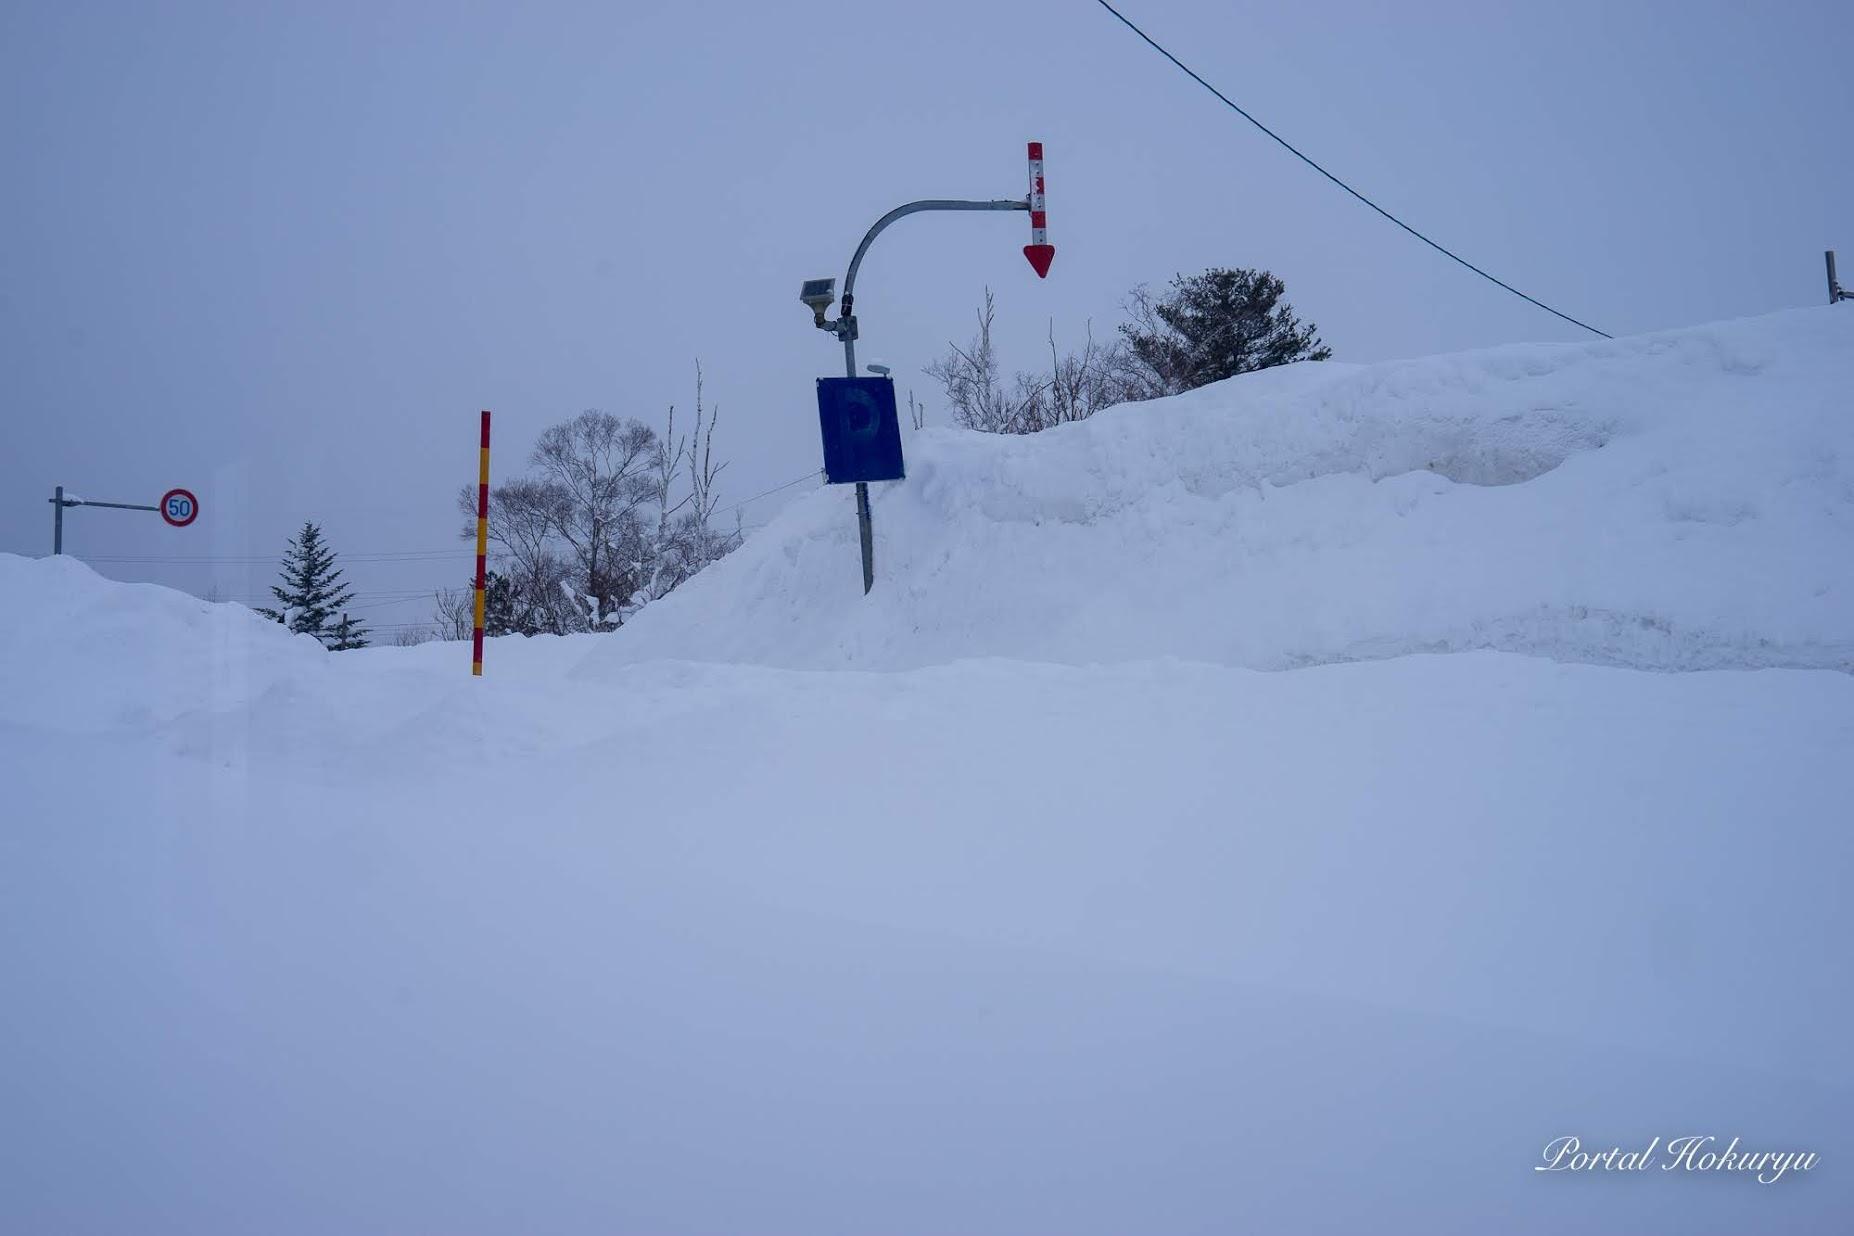 矢羽根に届きそうな雪の壁